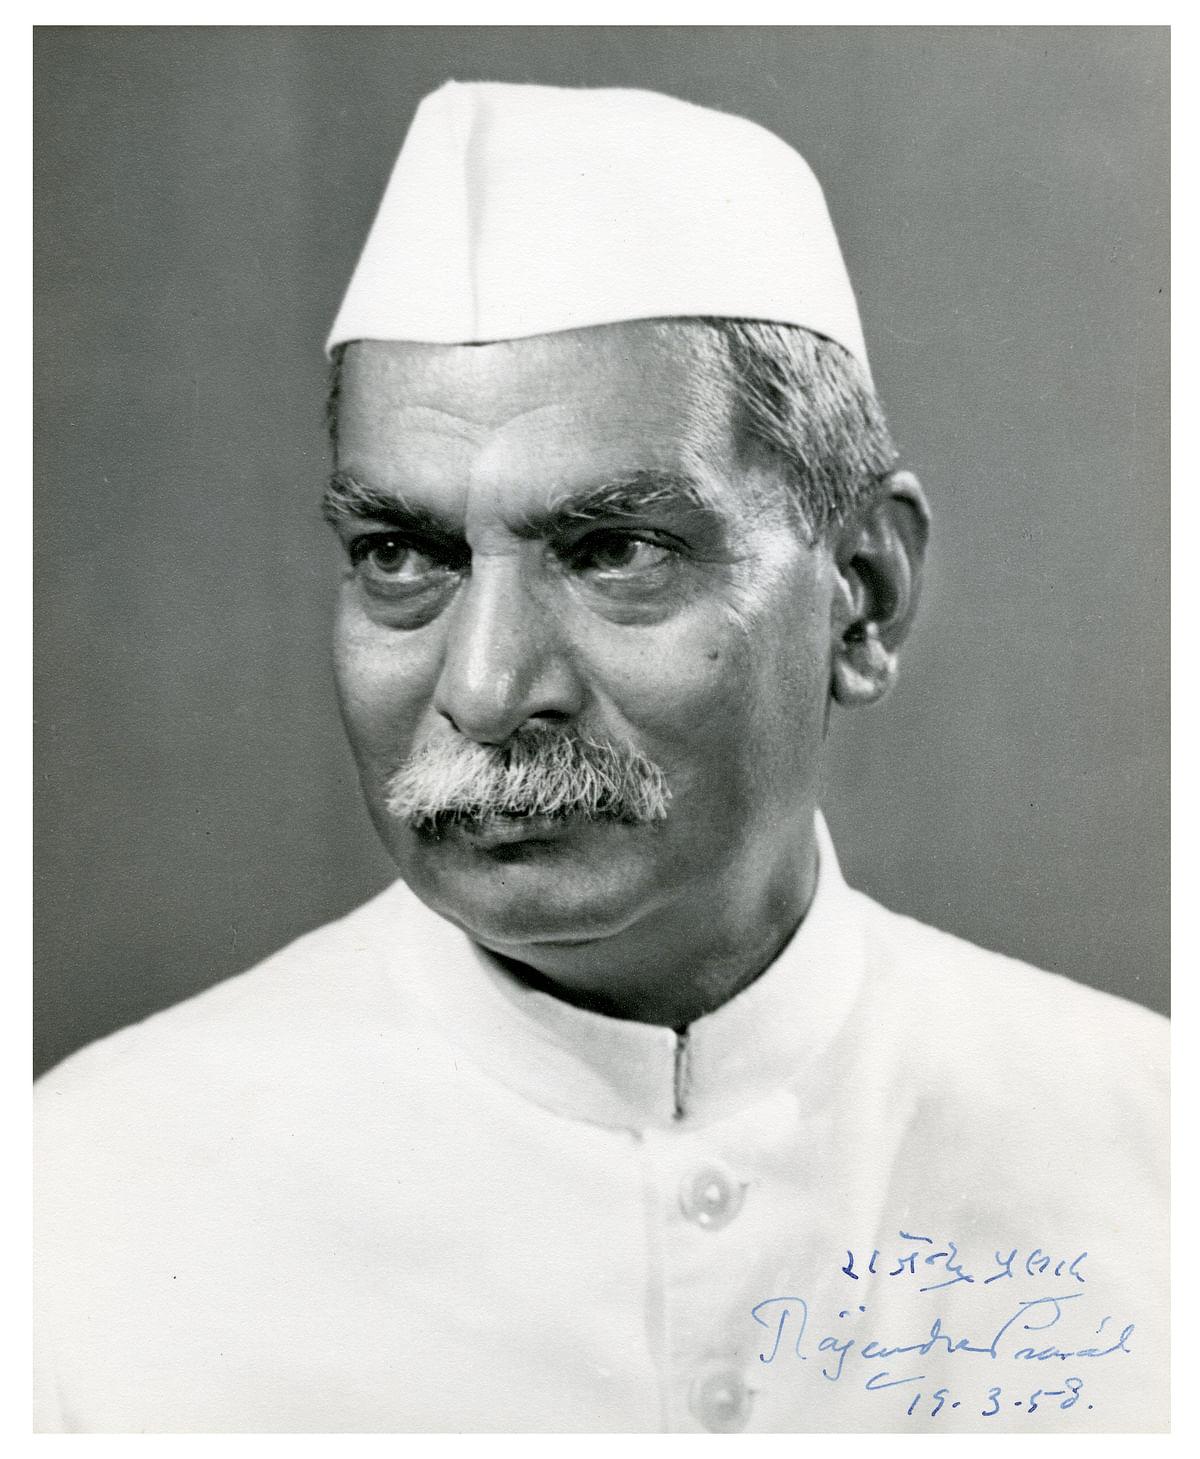 भारताचे पहिले राष्ट्रपती डॉ. राजेंद्र प्रसाद यांची आज जयंती